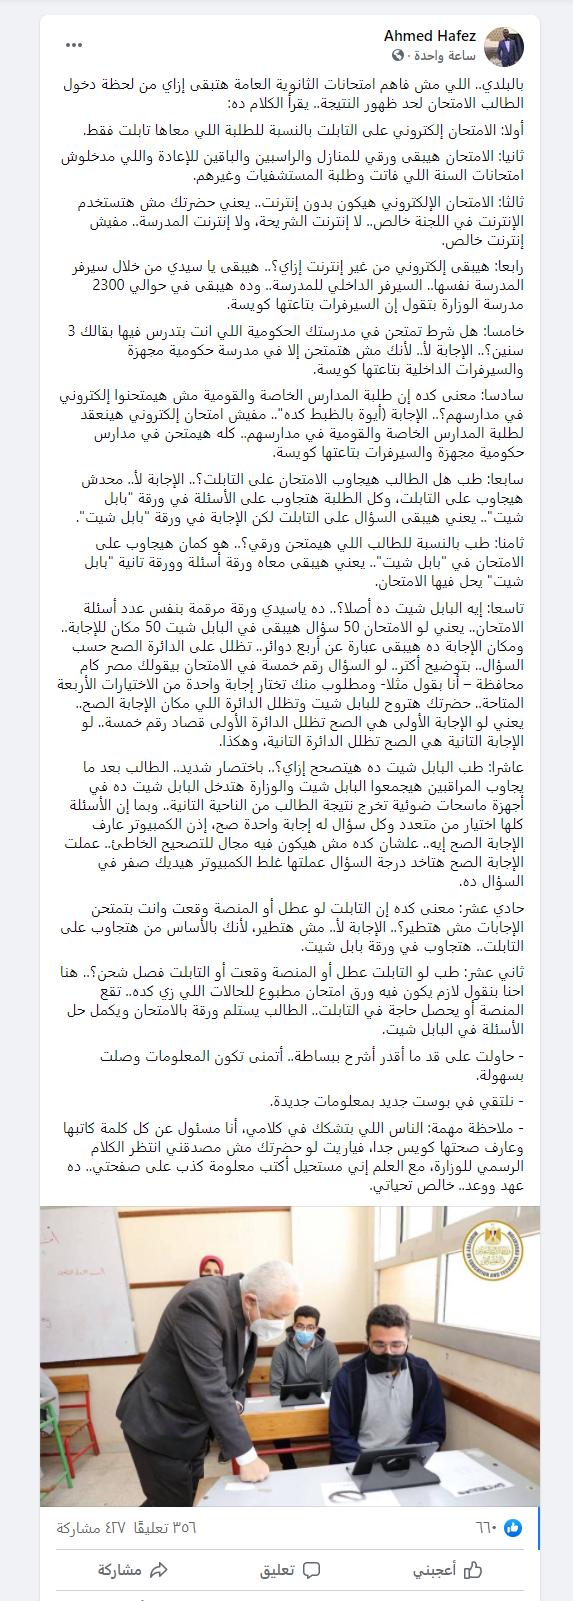 """أحمد حافظ: أسئلة امتحان الثانوية العامة """"الكتروني على التابلت"""" والاجابة في ورقة """"بابل شيت"""" Screen56"""